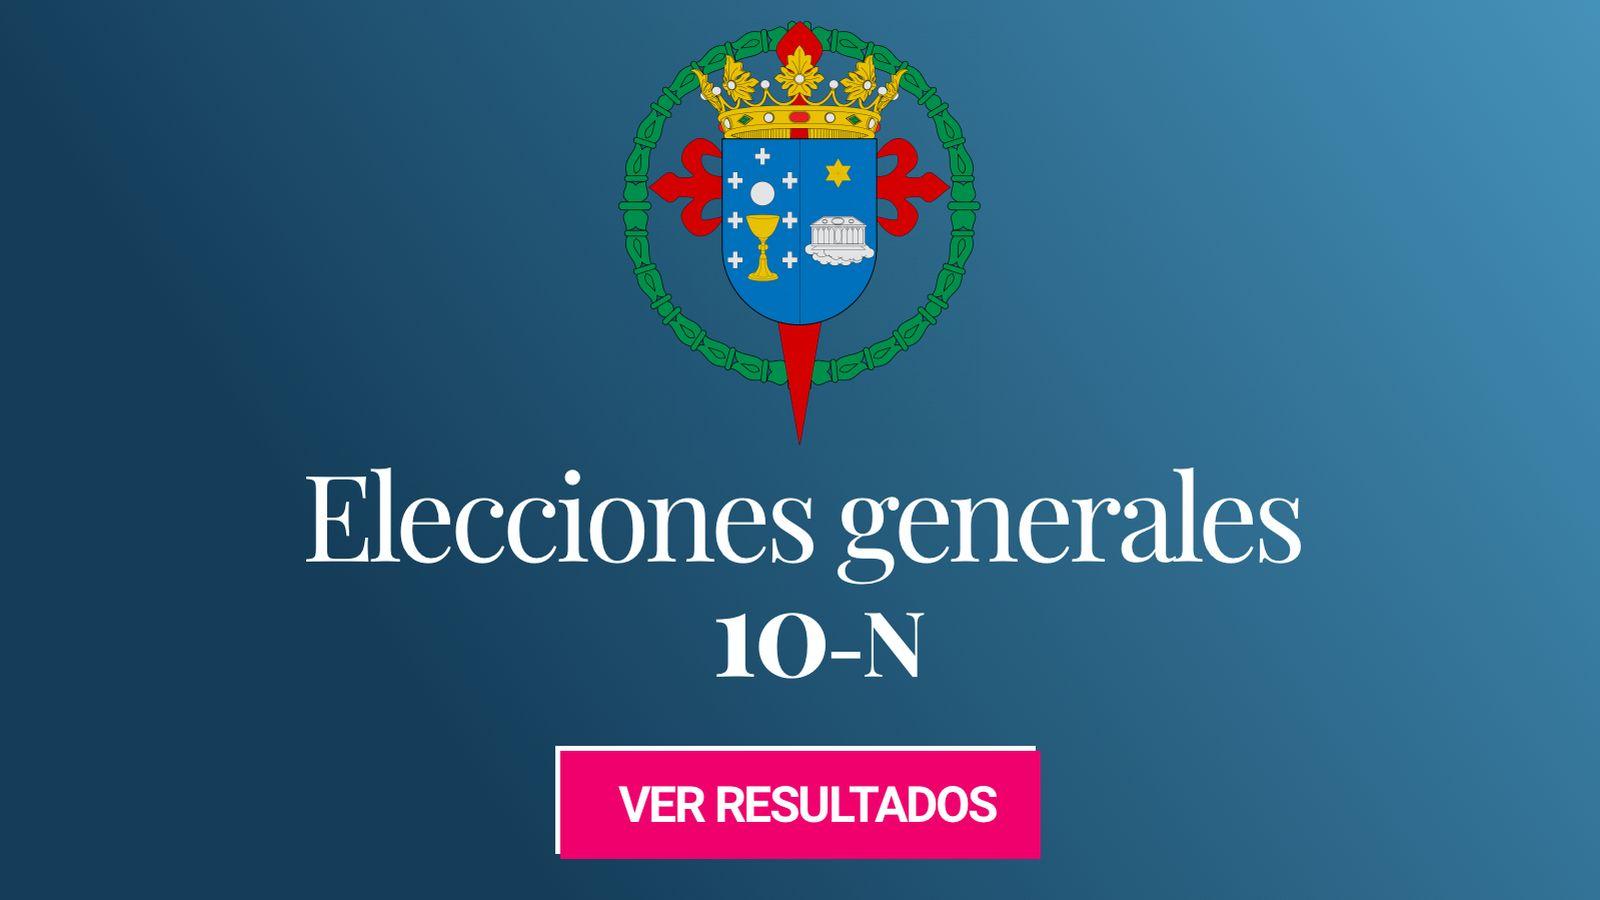 Foto: Elecciones generales 2019 en Santiago de Compostela. (C.C./EC)